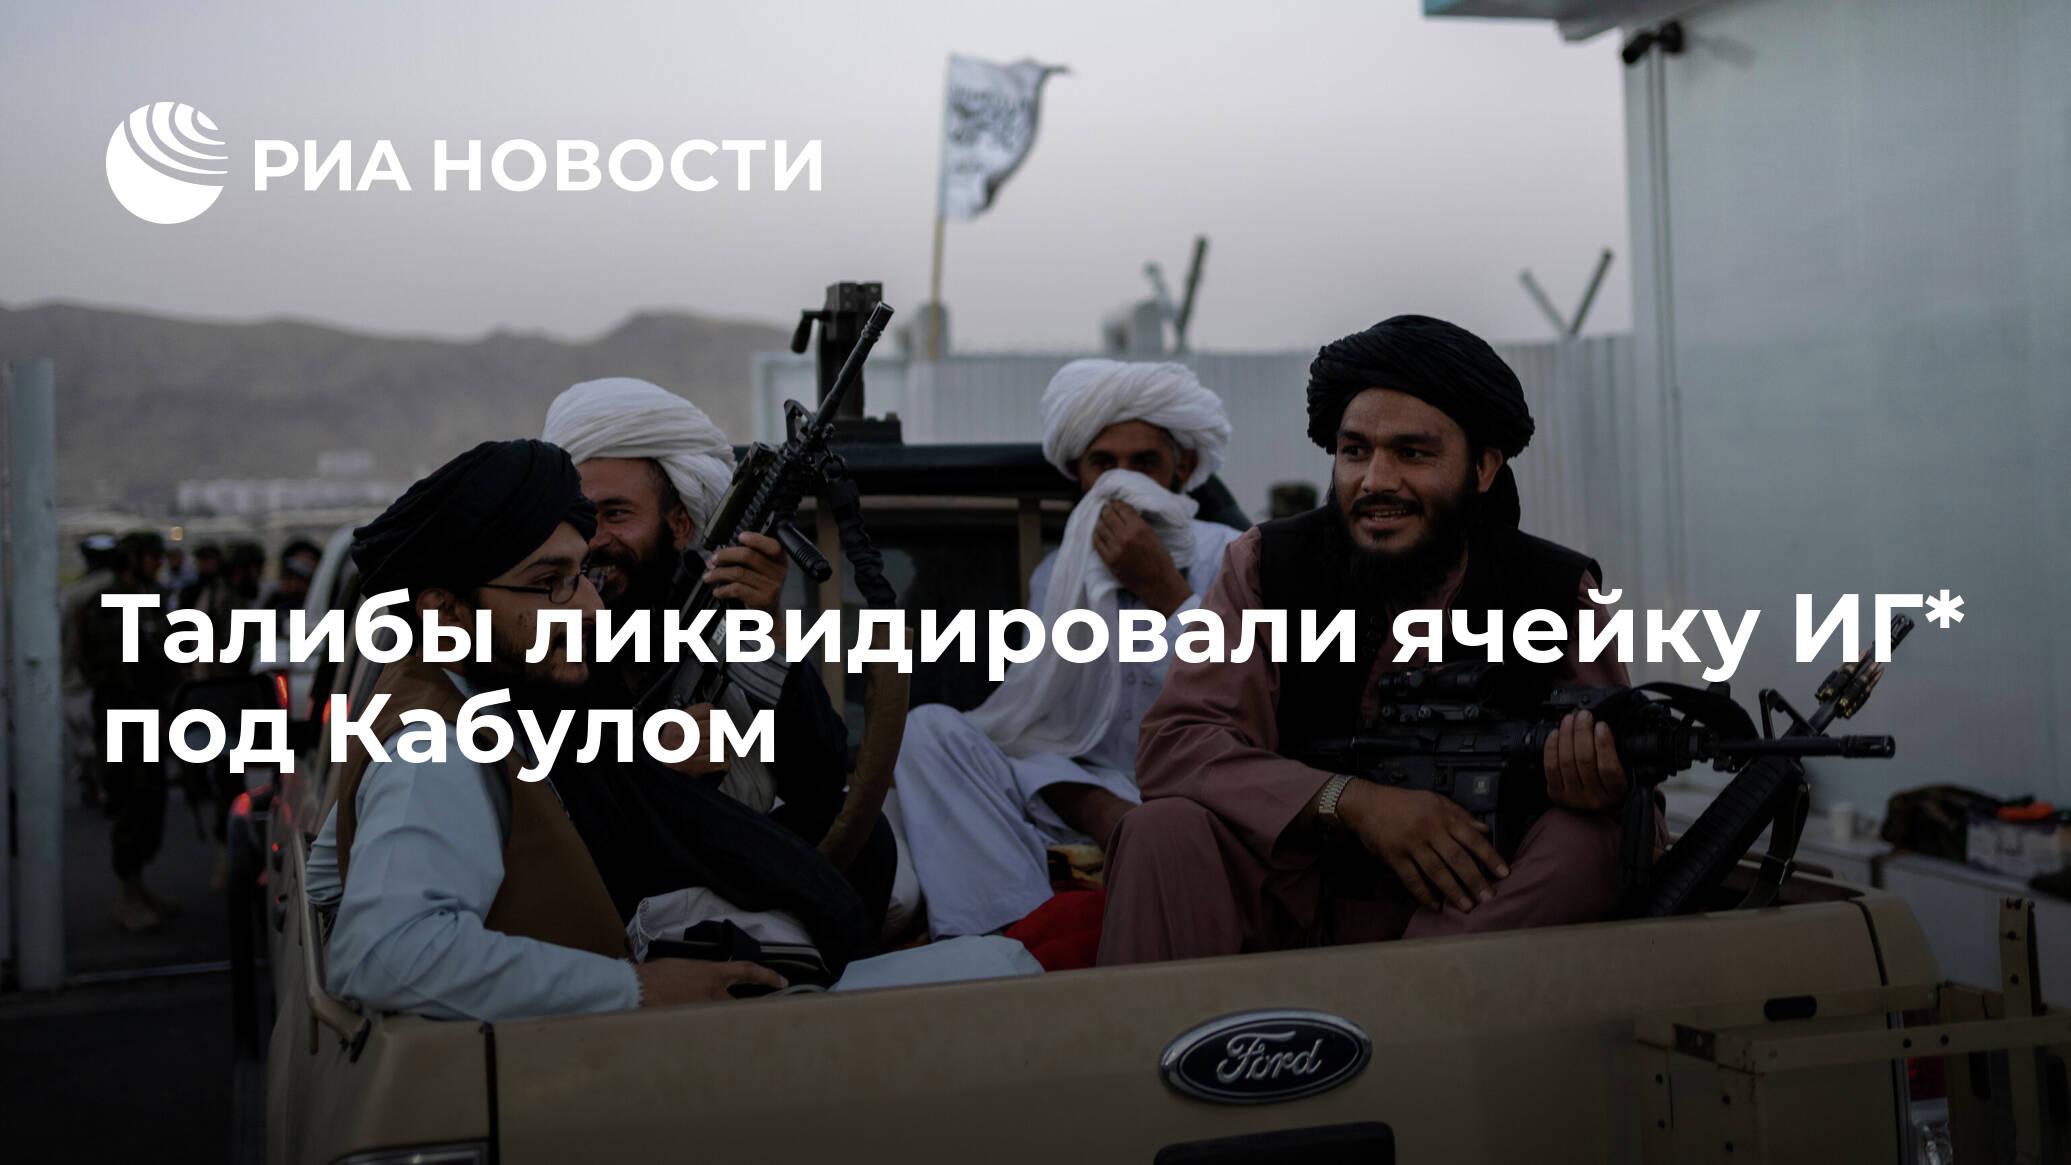 Талибы ликвидировали ячейку ИГ* под Кабулом